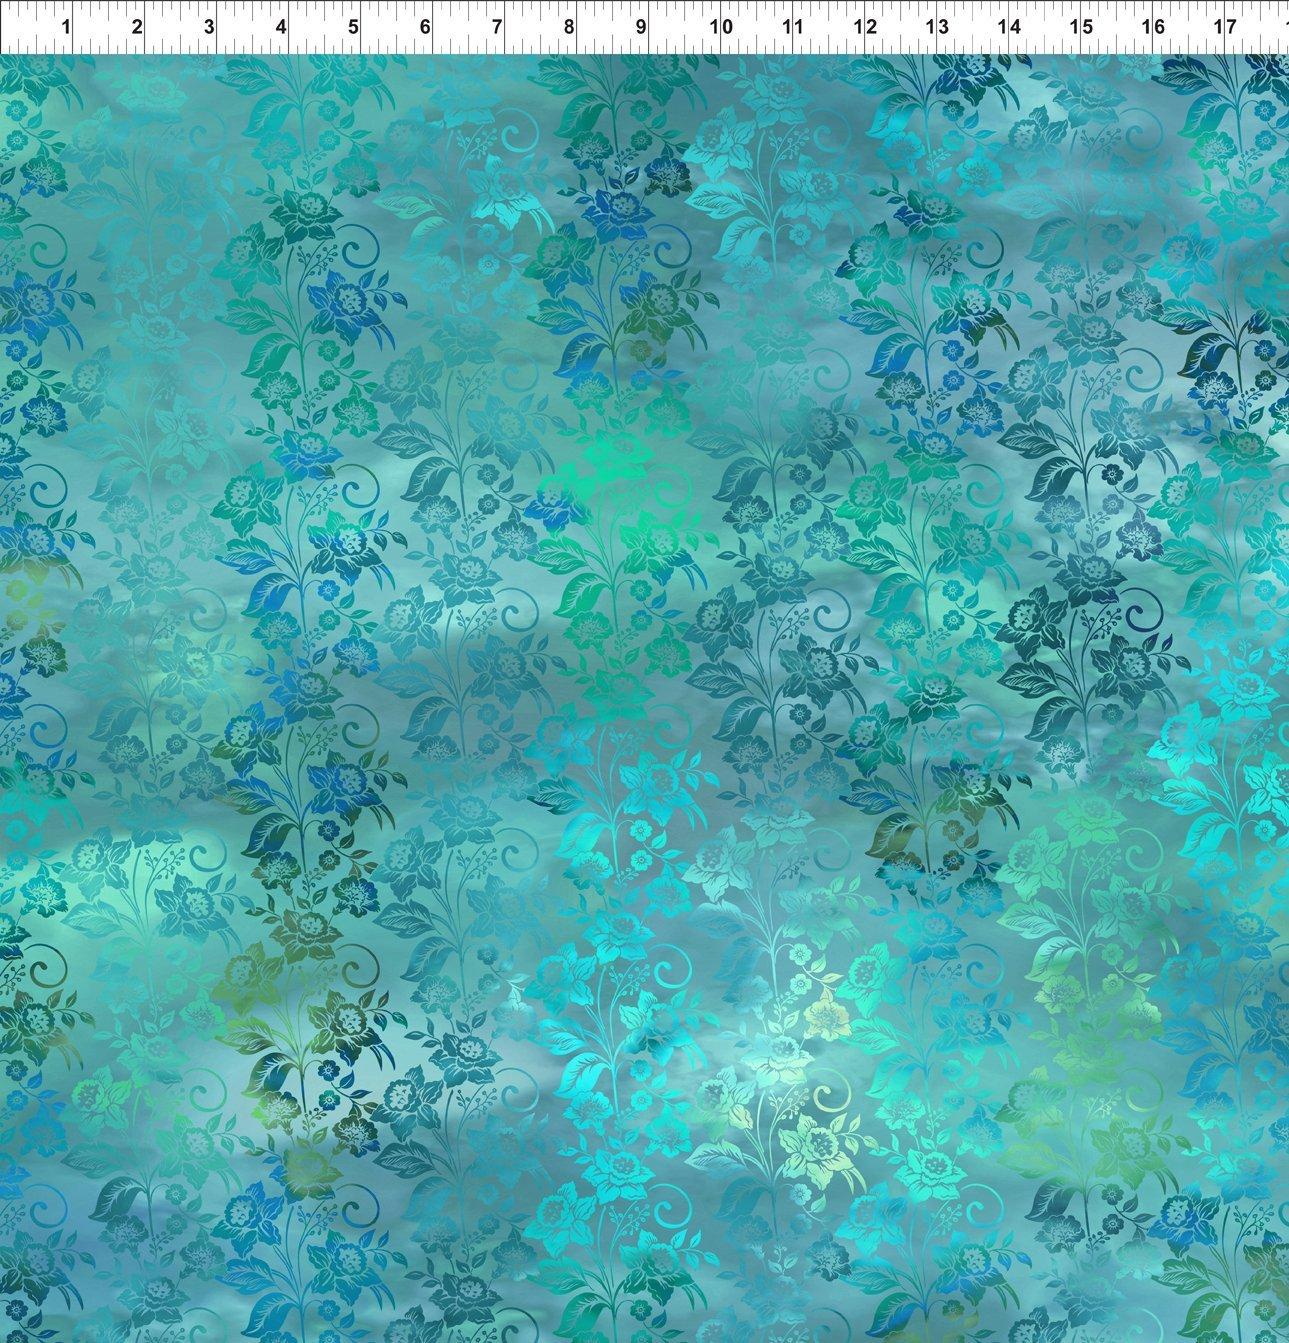 5ENC-3 Teal Mist Enchanted Vines Diaphanous